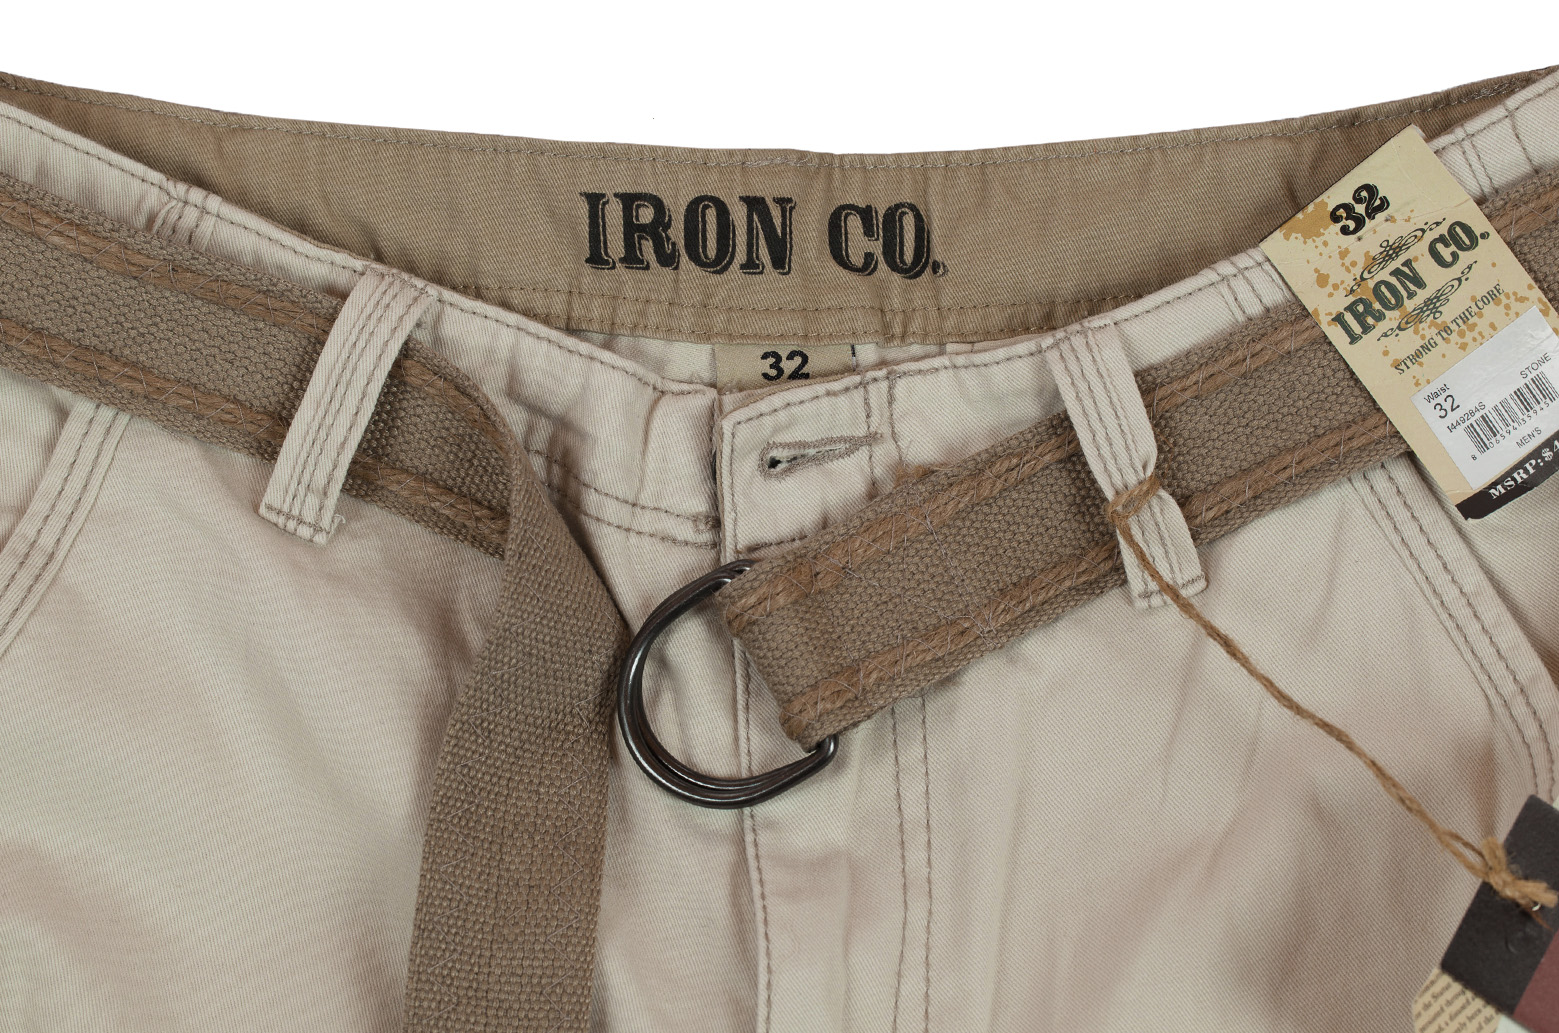 Мужские хлопковые шорты (Iron Co., США) с доставкой